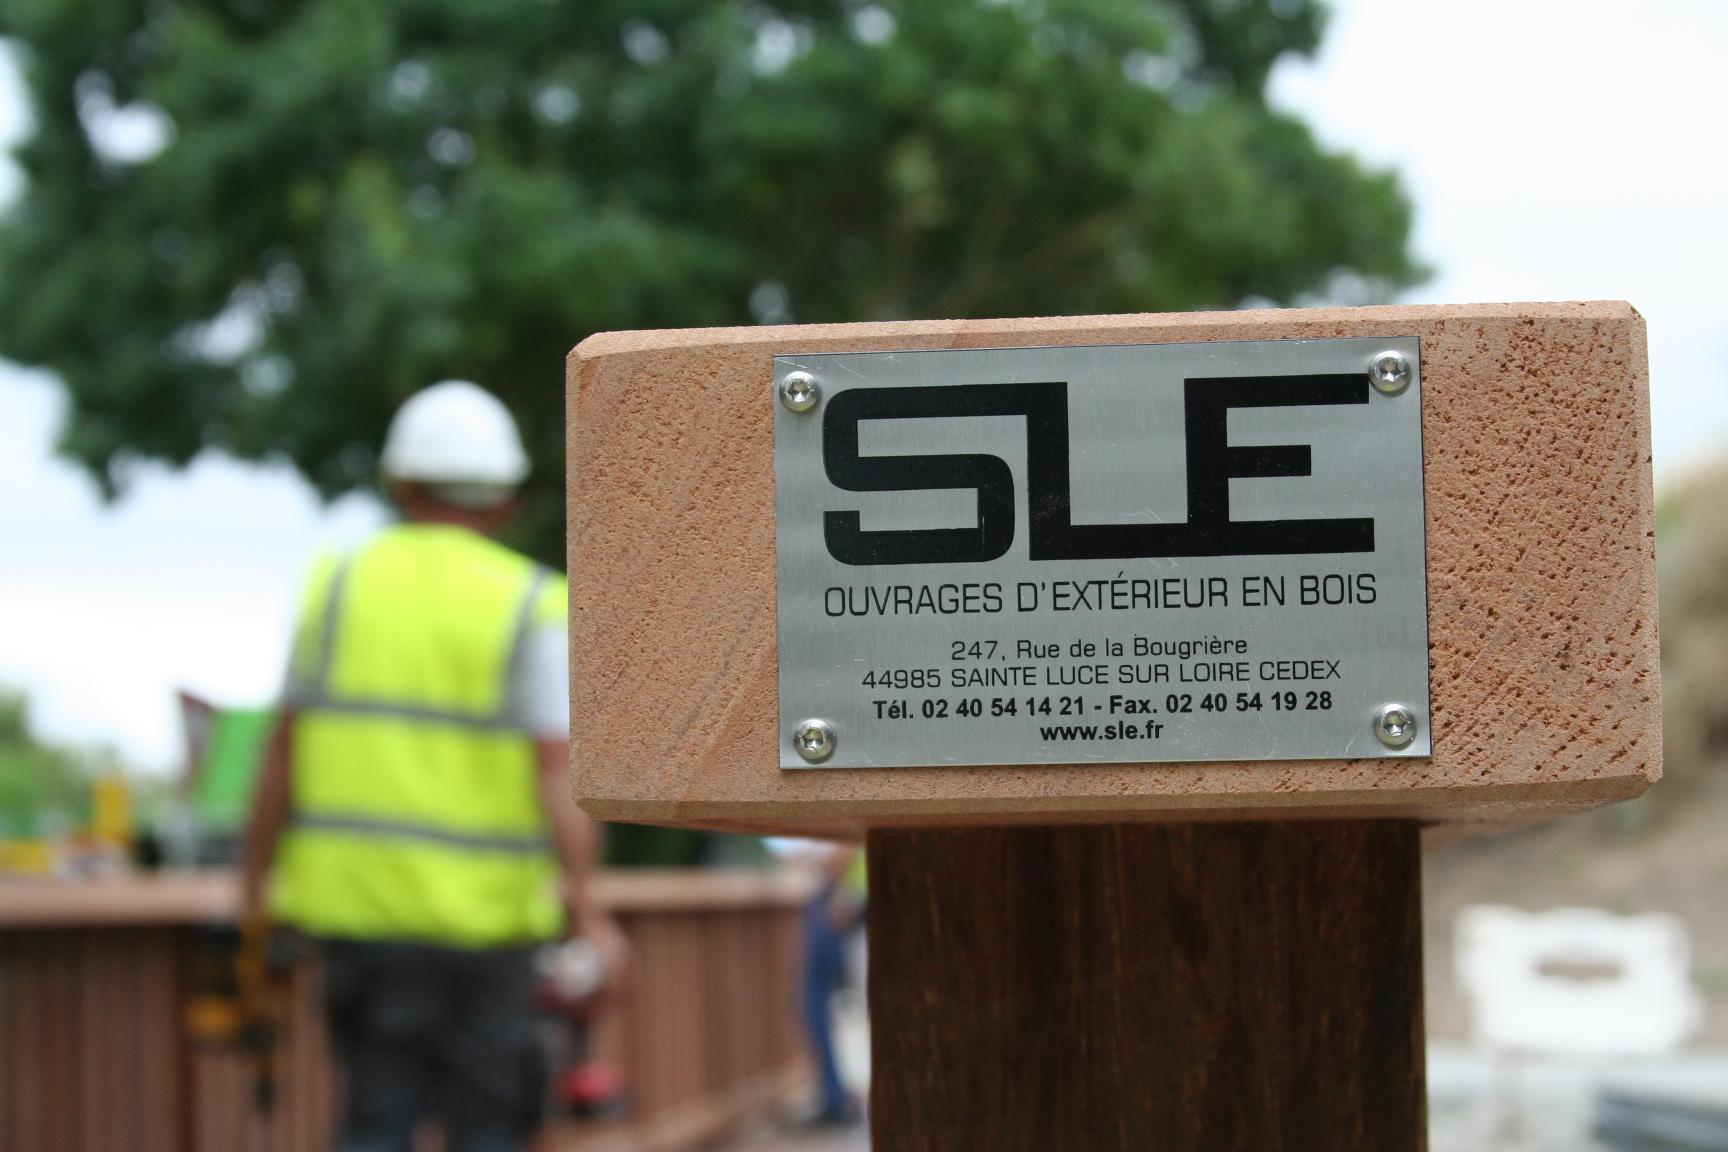 SLE (aménagements extérieurs en bois) recrute deux poseurs